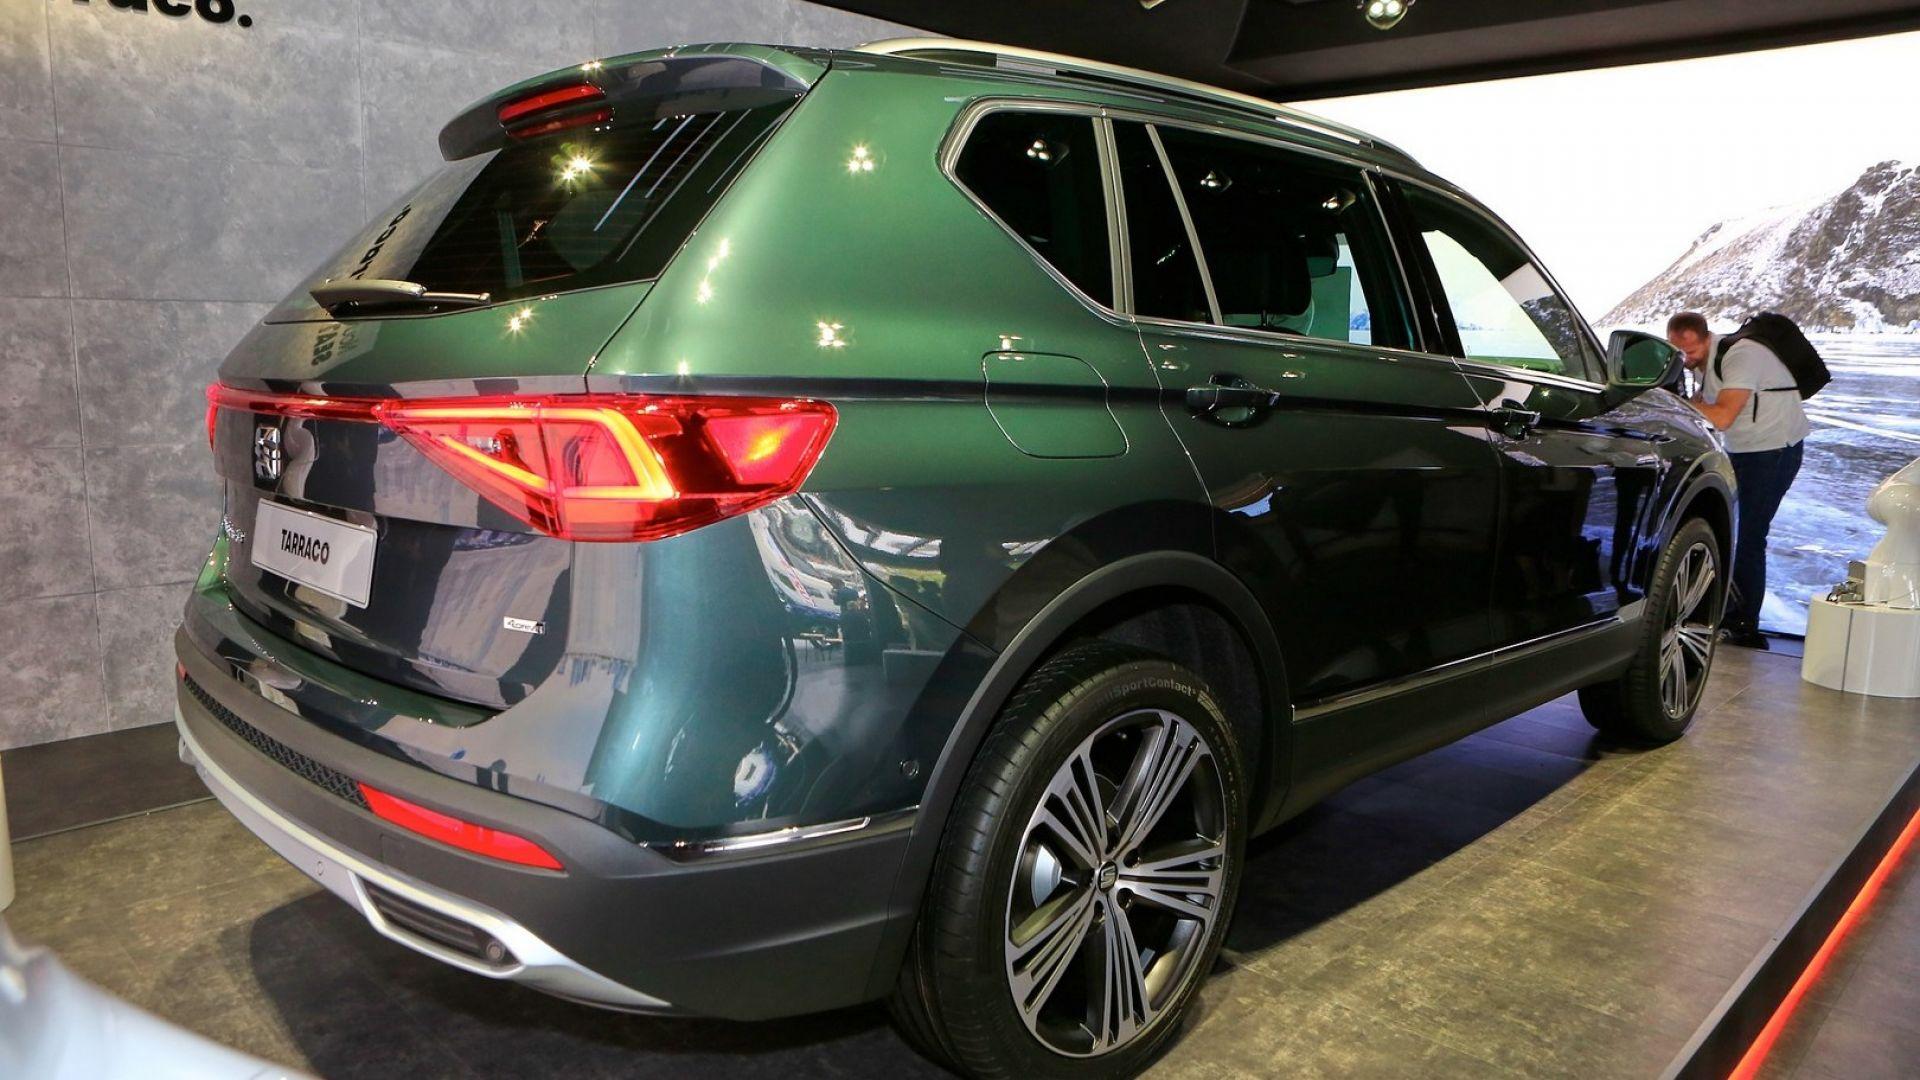 8 Seat Suv >> Seat Tarraco: dimensioni, interni, prezzi, uscita, immagini - MotorBox